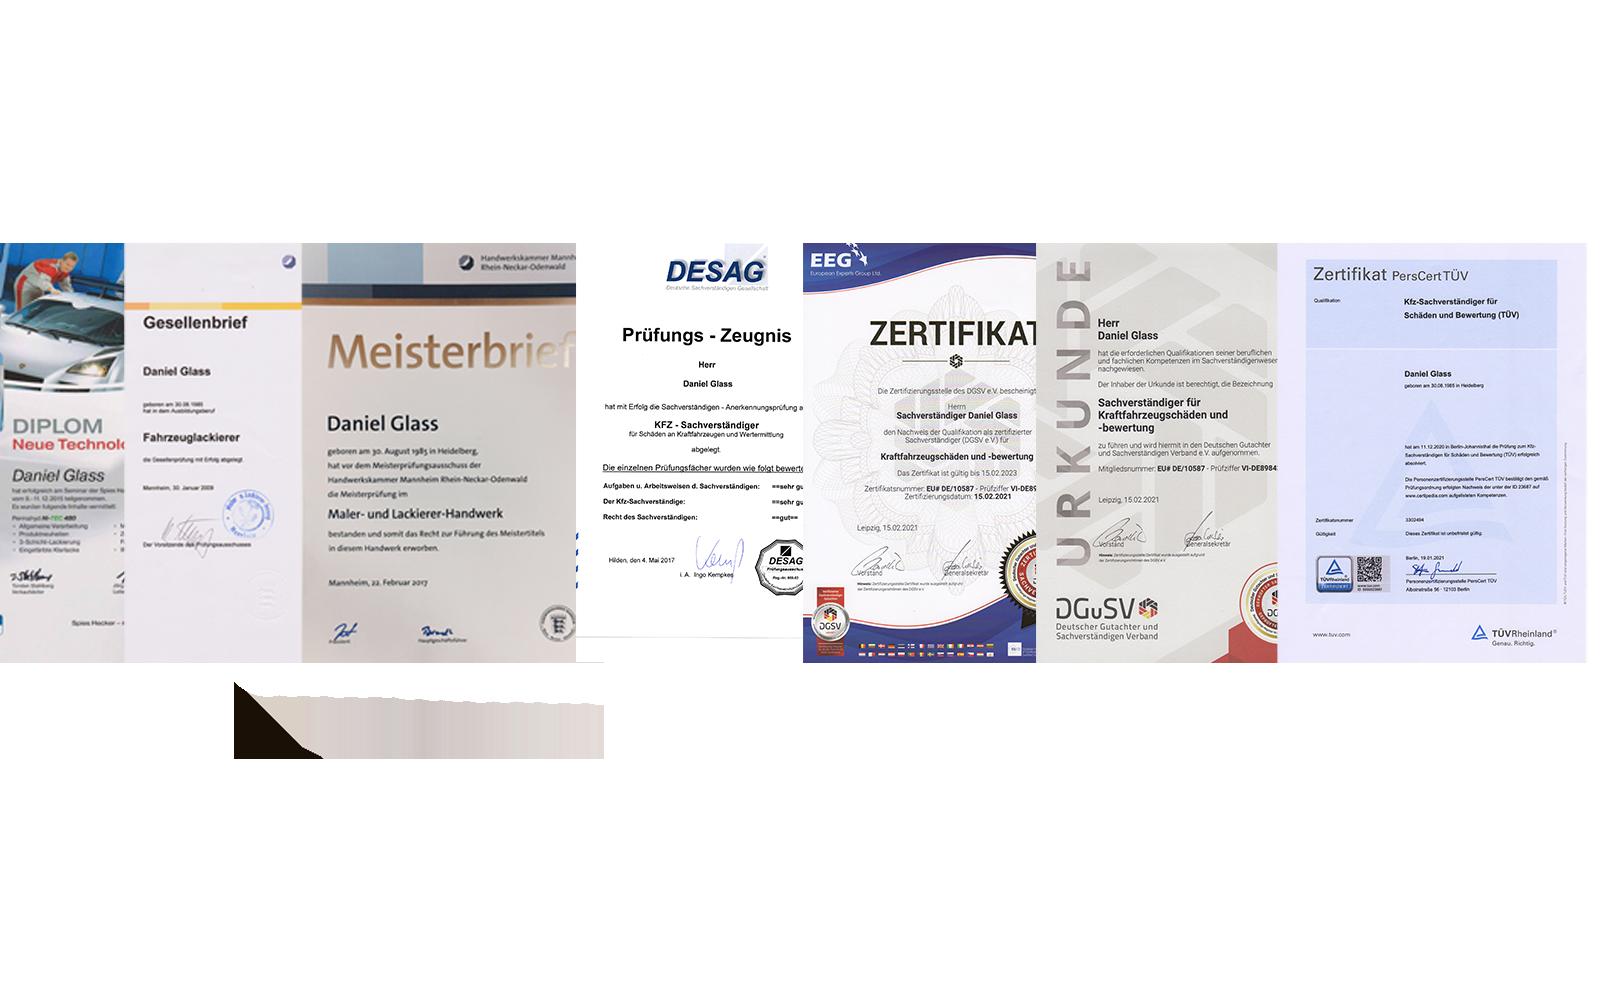 Zeugnisse und Zertifikate Kfz-Gutachter Glass